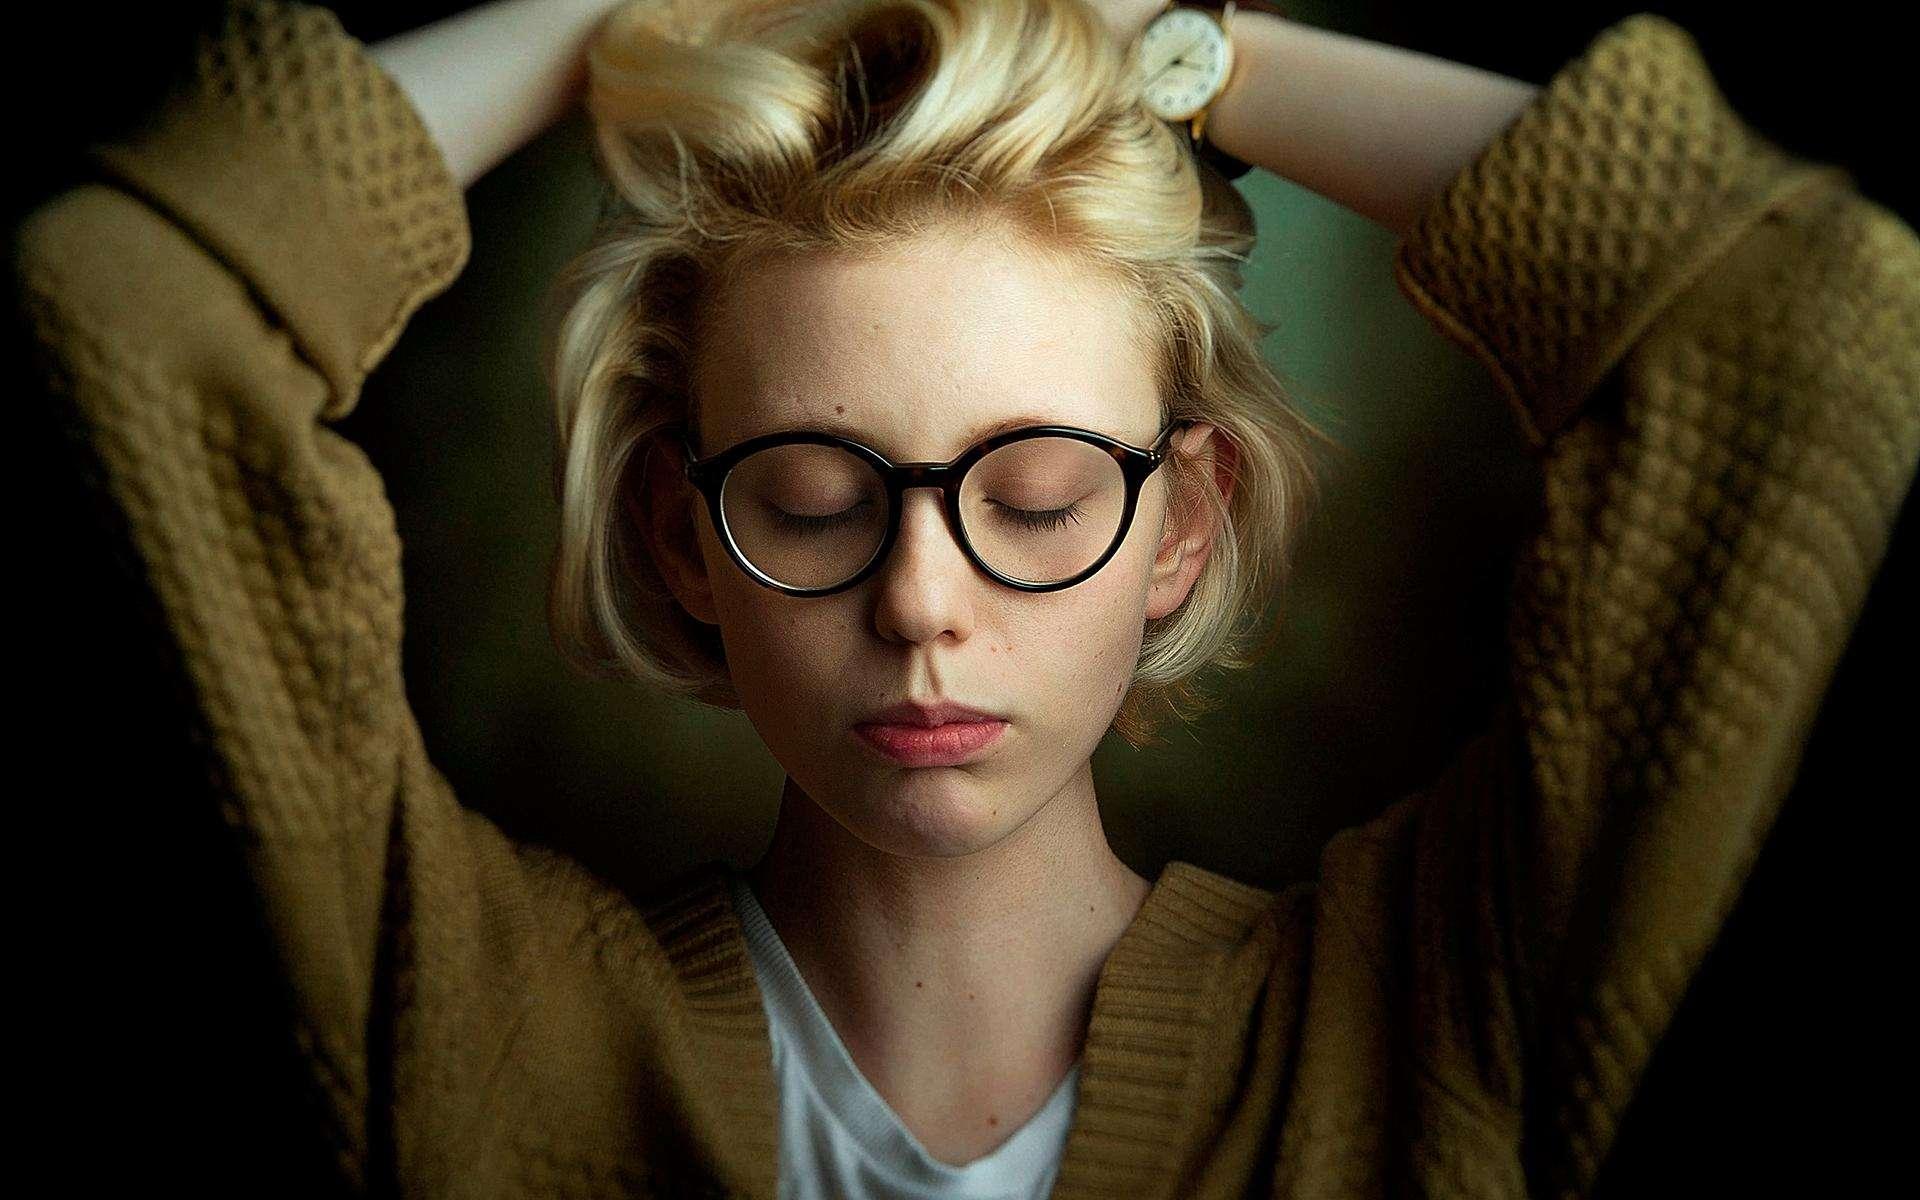 杂谈近视眼1000度真的会发生眼底并发症吗?